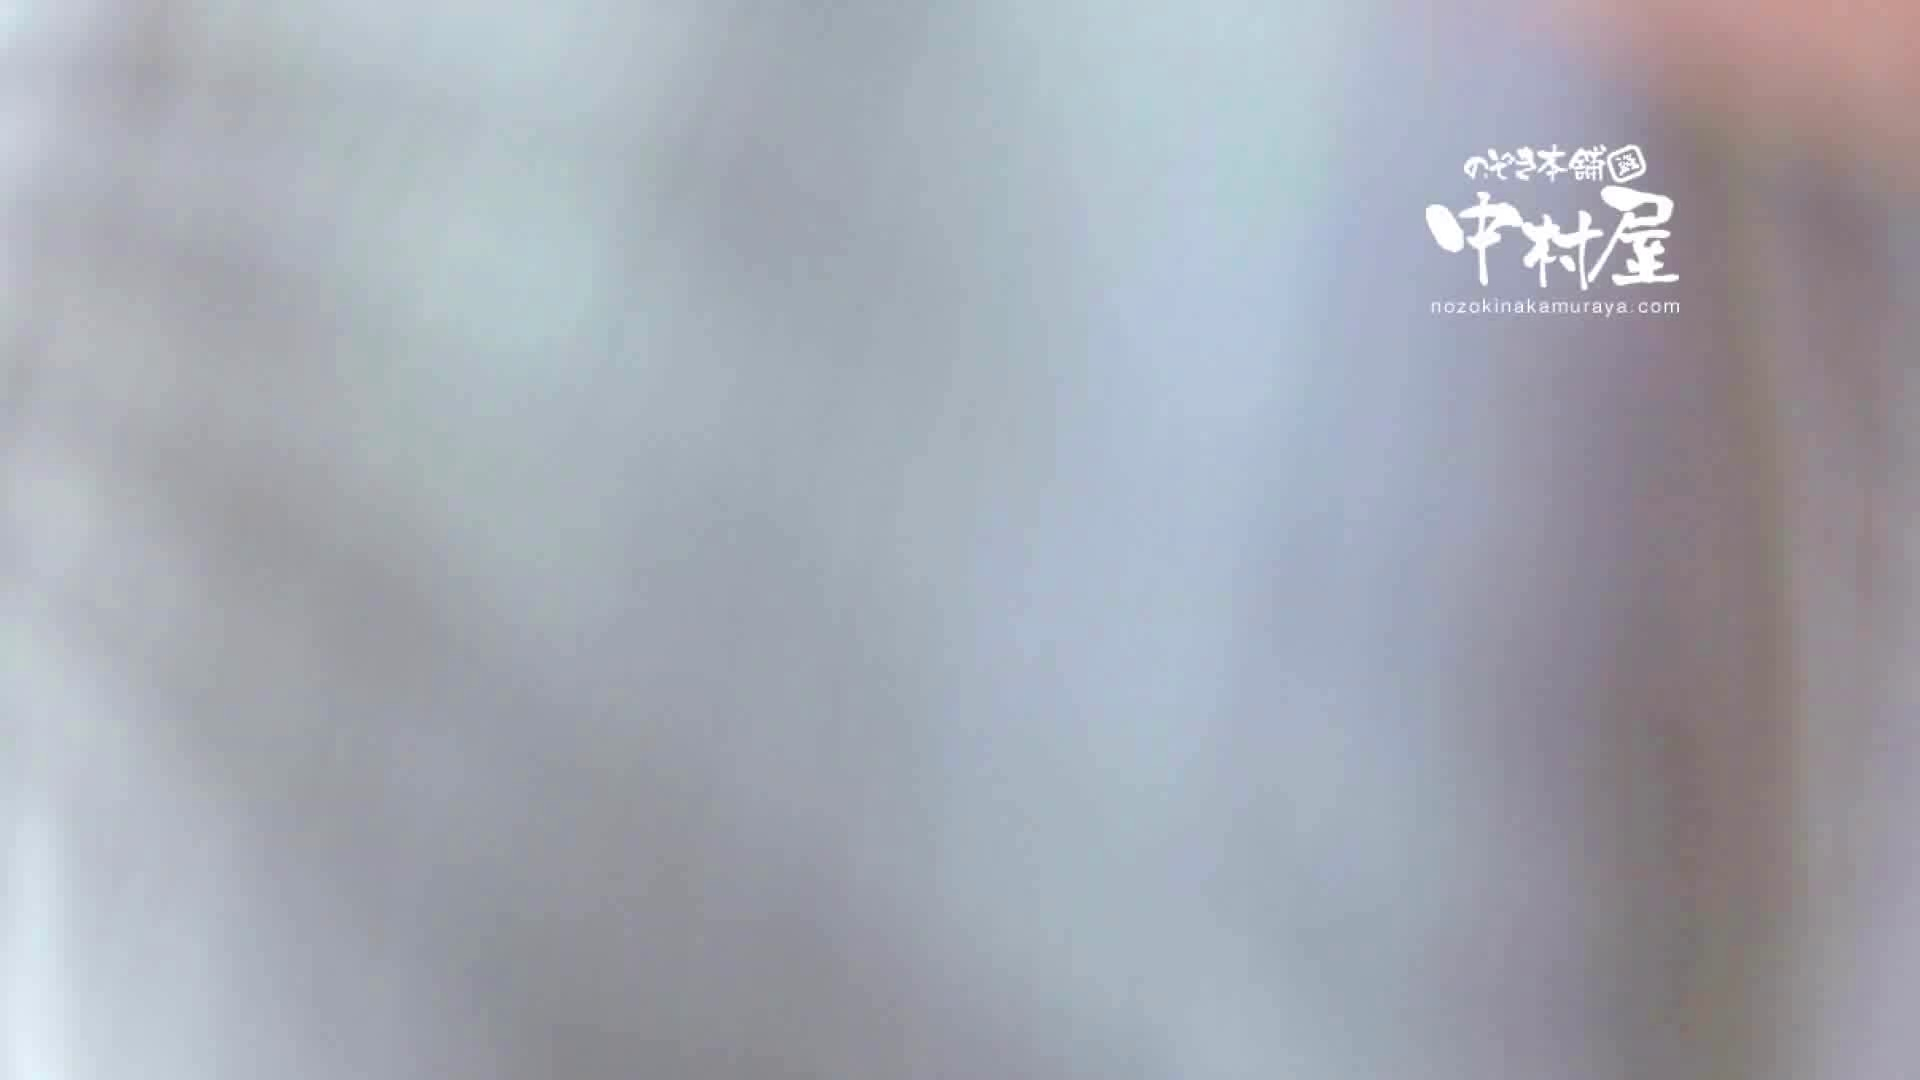 鬼畜 vol.18 居酒屋バイト時代の同僚に中出ししてみる 前編 HなOL   中出し  84pic 2